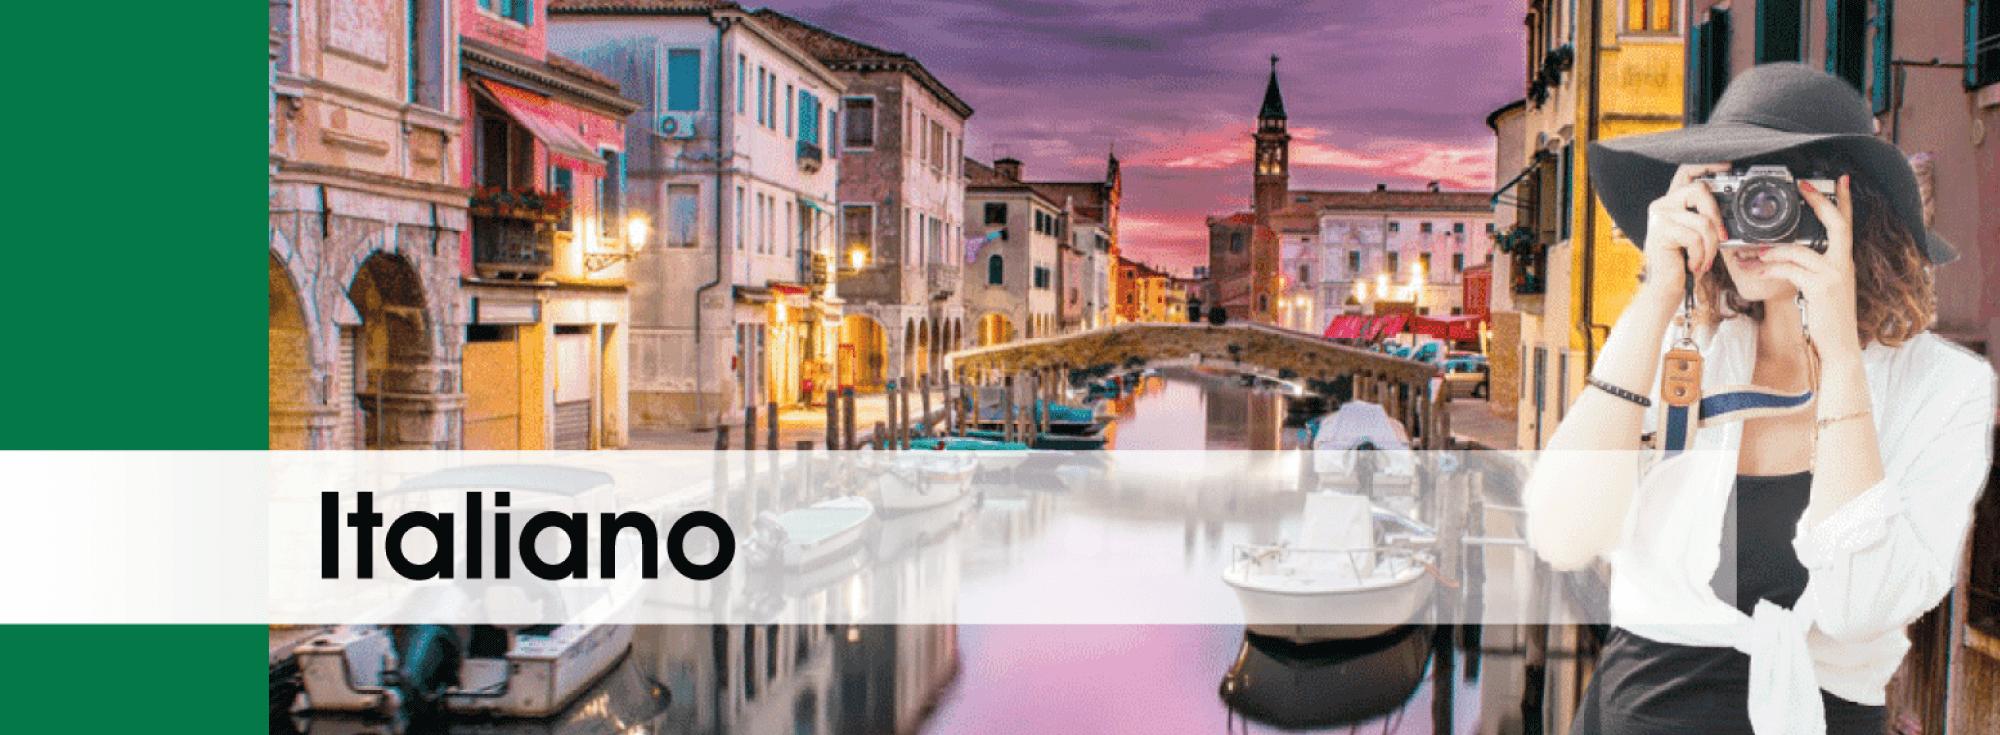 Italiano Curso Idiomas Italiano Htl Idiomas